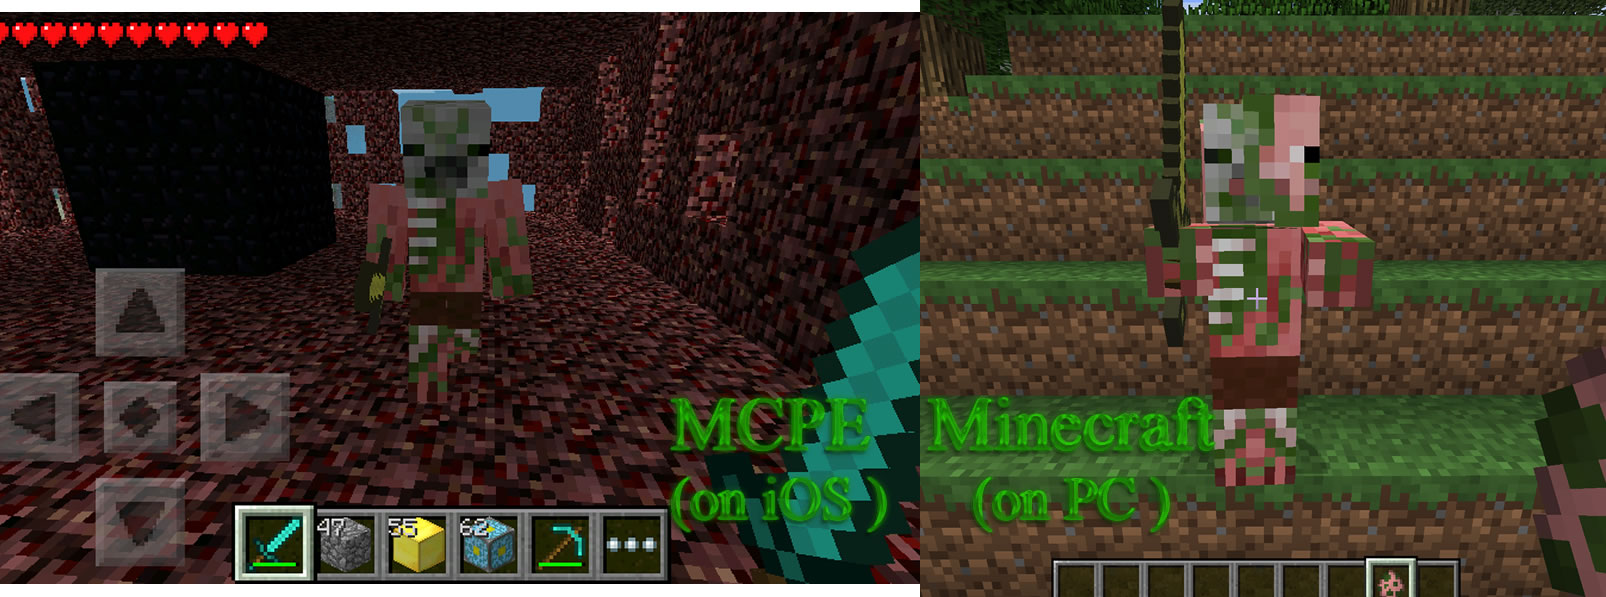 MCPE 1491 Bad Texture For Zombie Pigman